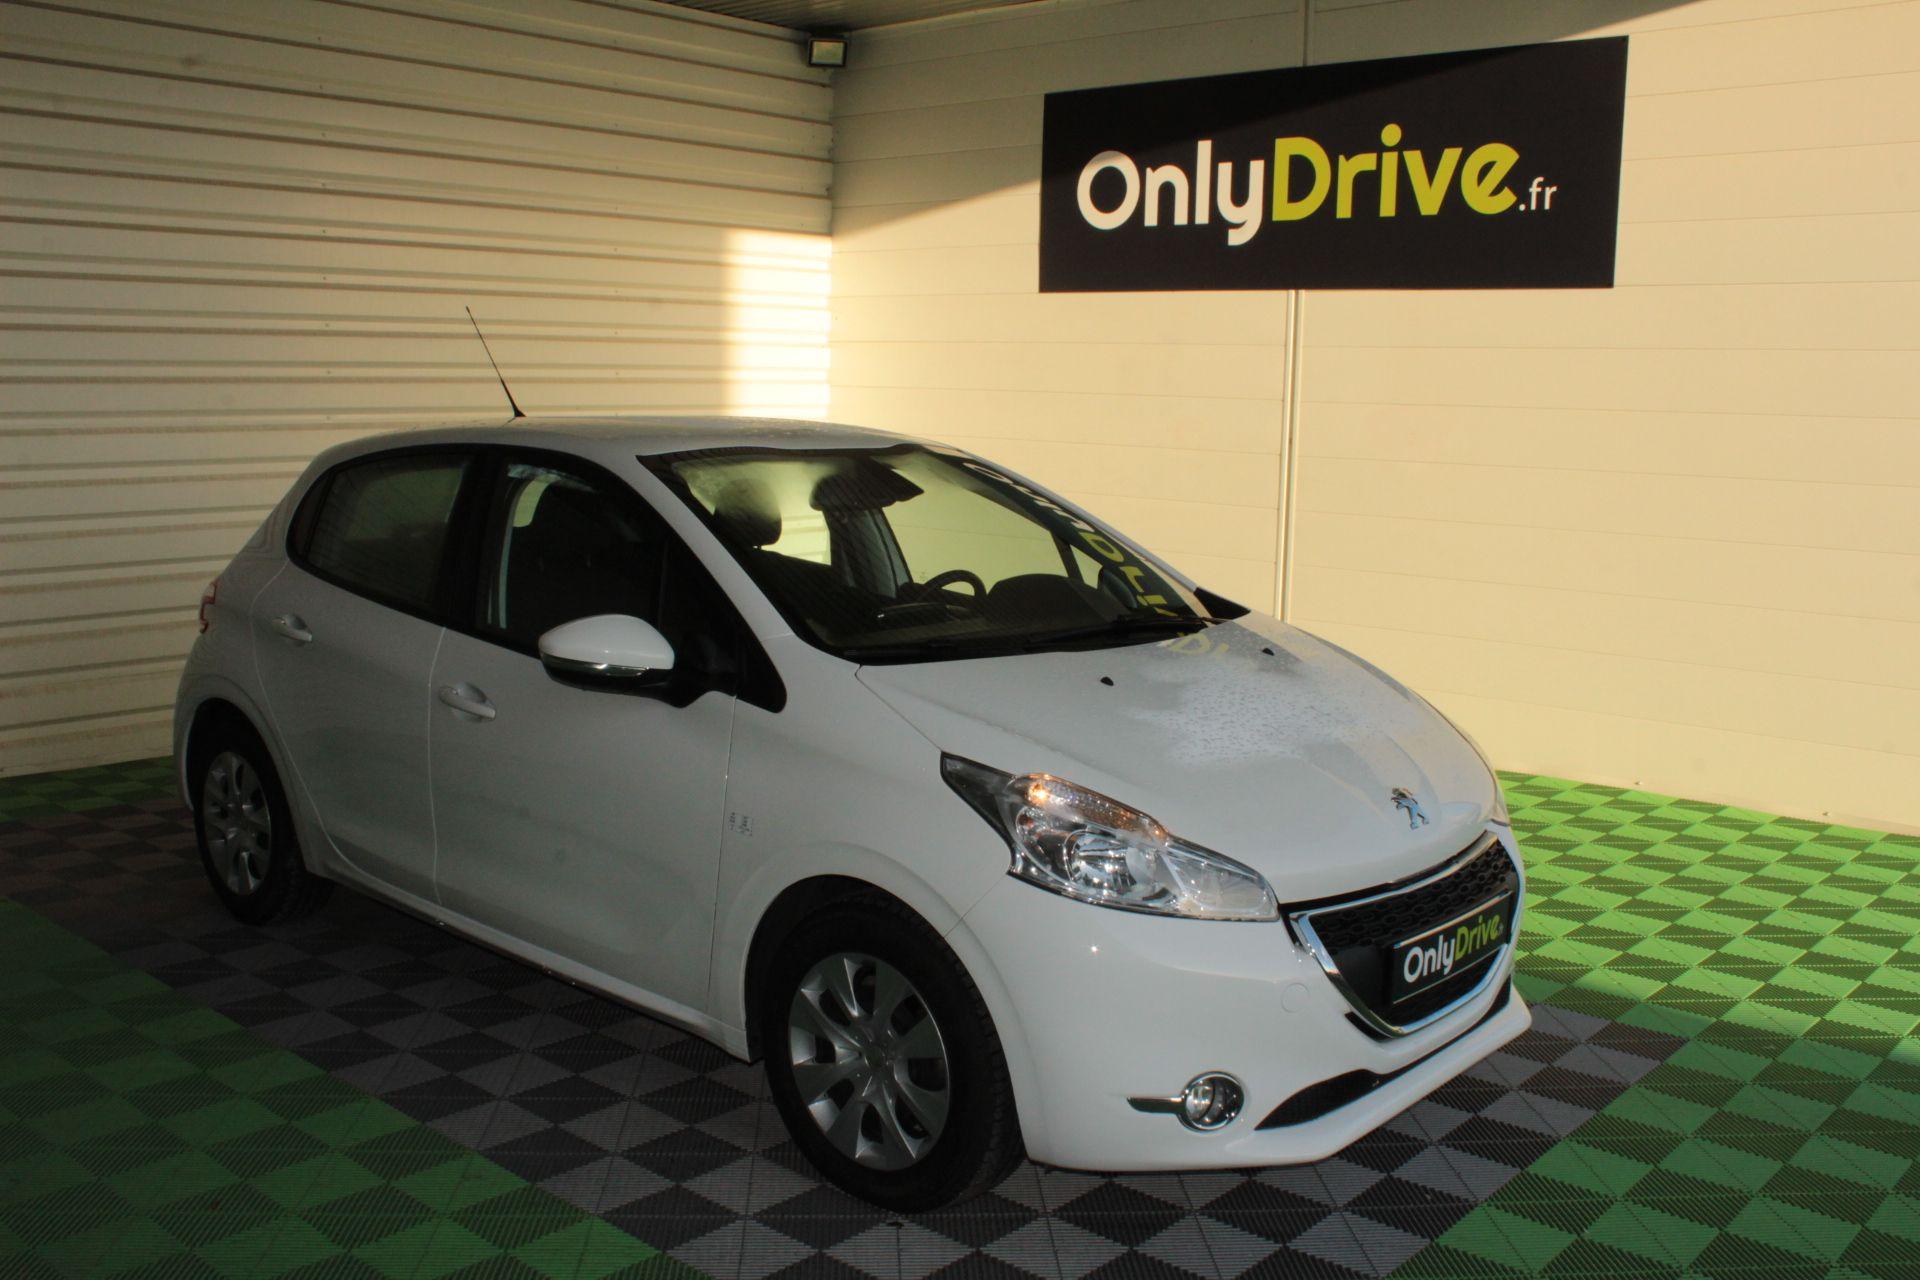 Épinglé sur Vente de véhicules neufs et occasions Peugeot